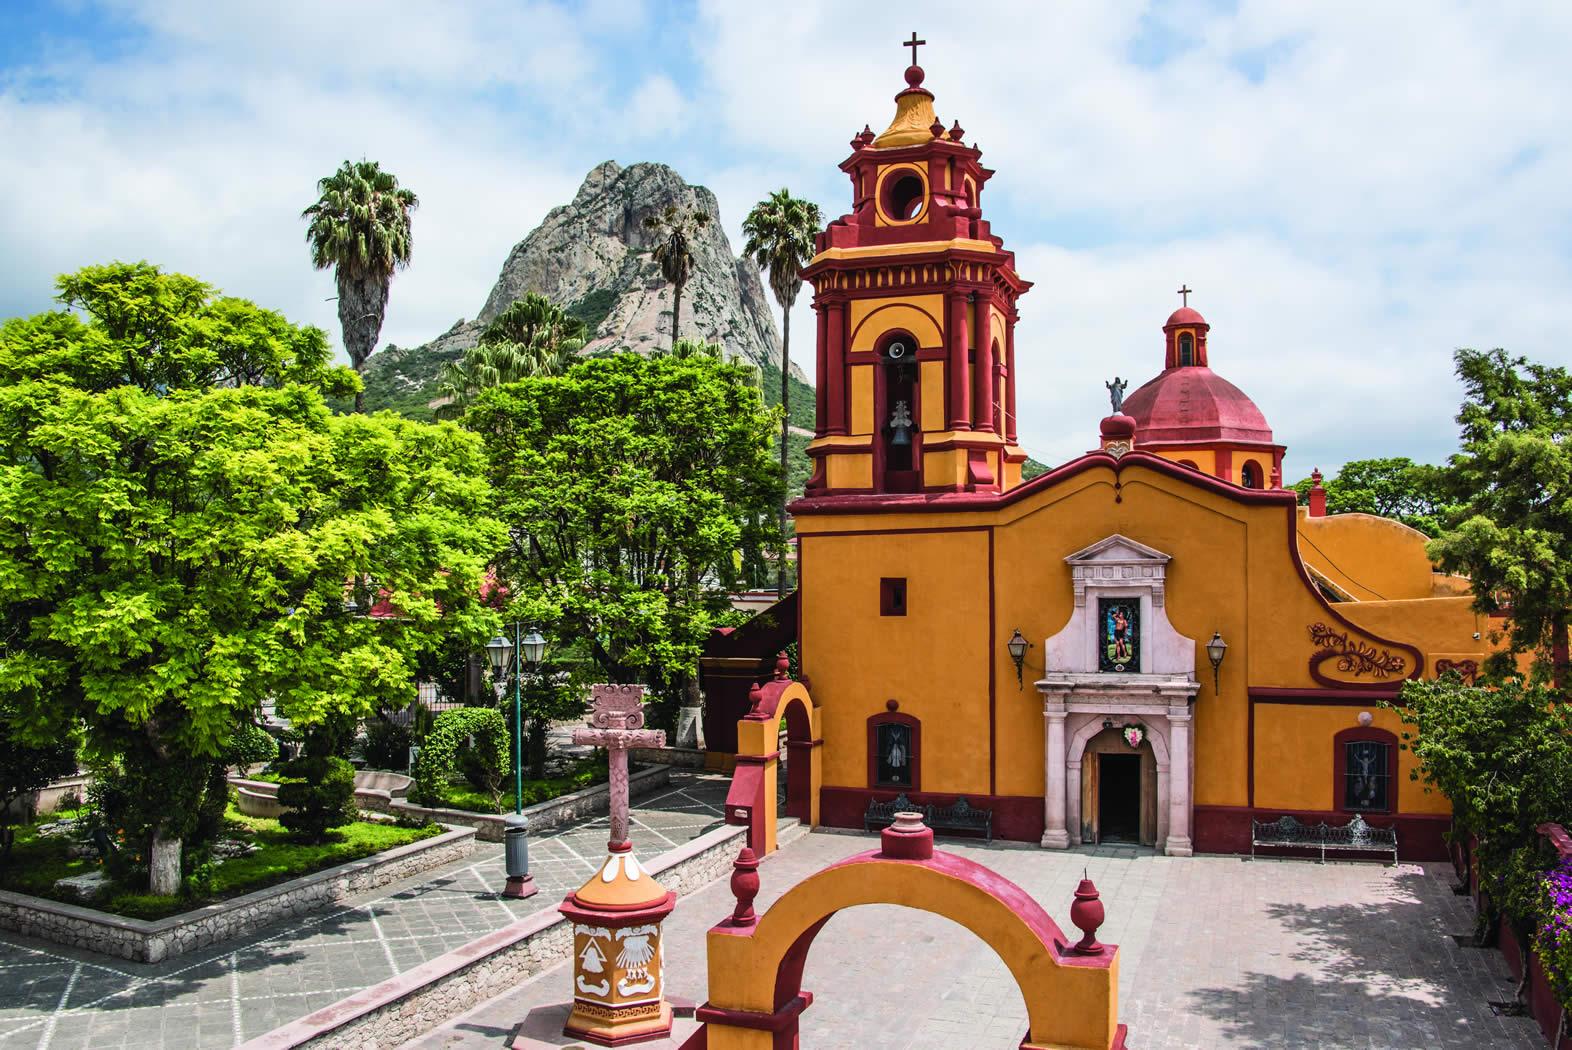 Plaza principal de bernal bernal quer taro webcams de for Casa del diseno queretaro